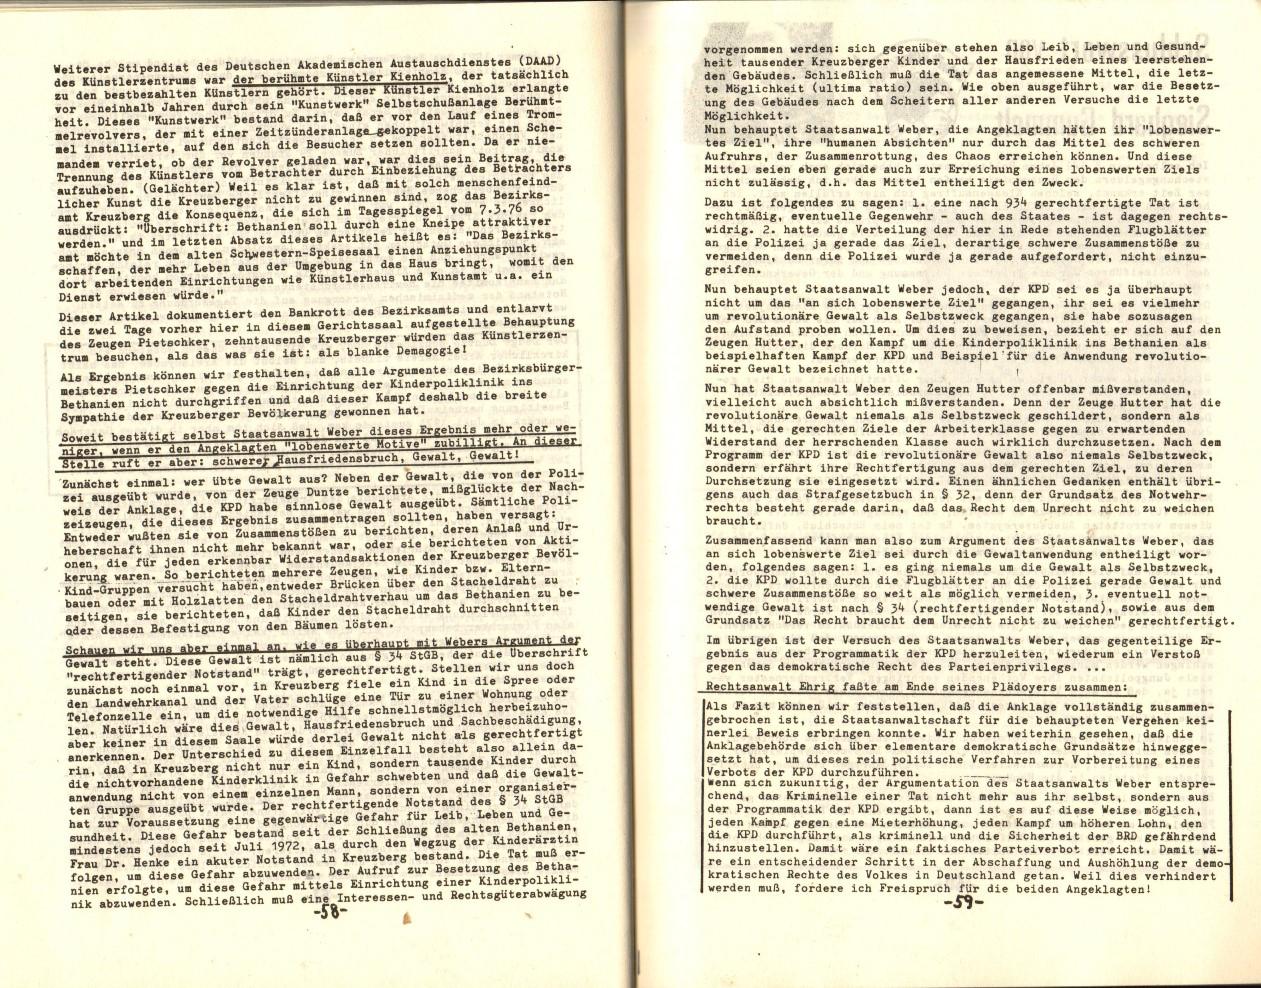 Berlin_KPD_1976_Staatsschutzprozess02_31